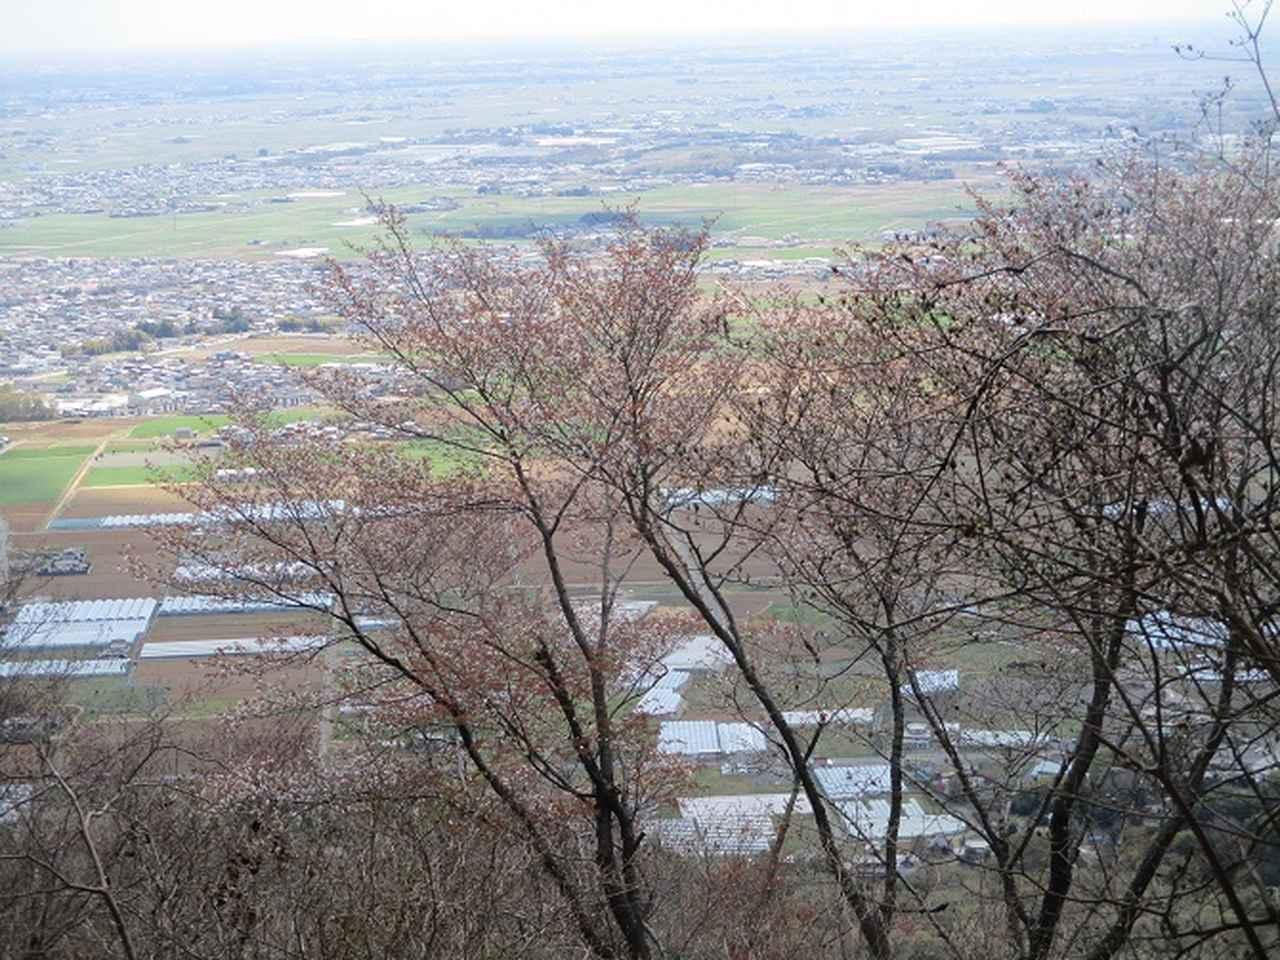 画像7: 4月9日に山旅会 晃石山から太平山 ツアーに行ってきました! にいって